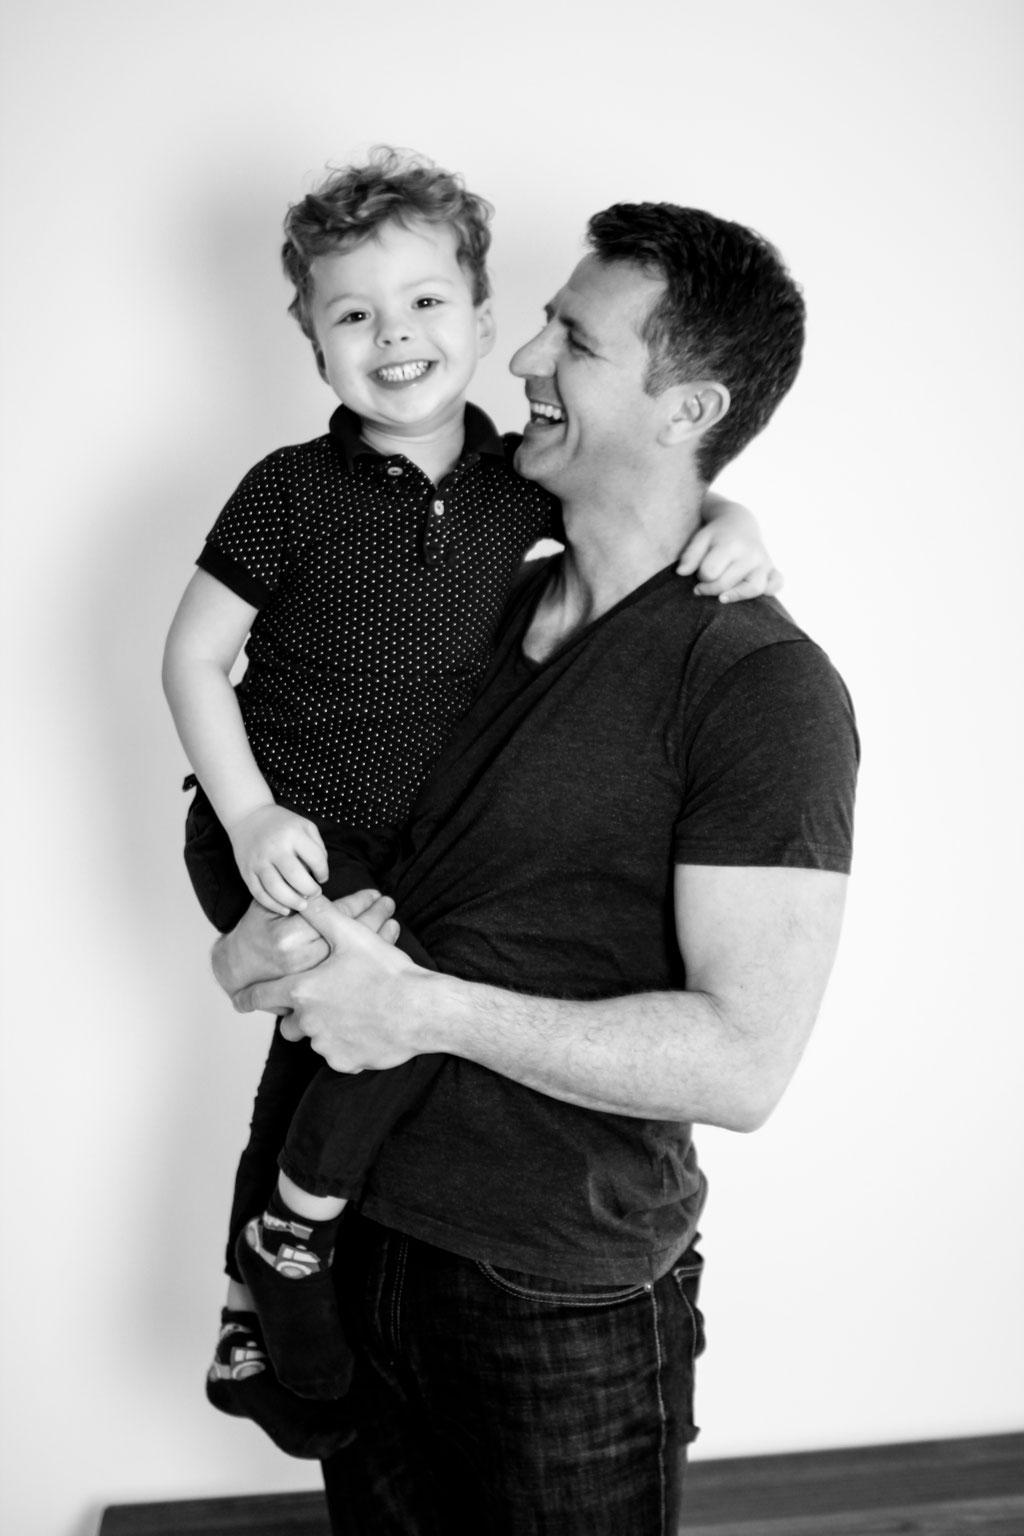 Vater und Sohn| Familie| Portrait|Schwarz-Weiß| Männerportrait| Home Shooting| Greifswald| Hendrikje Richert Fotografie